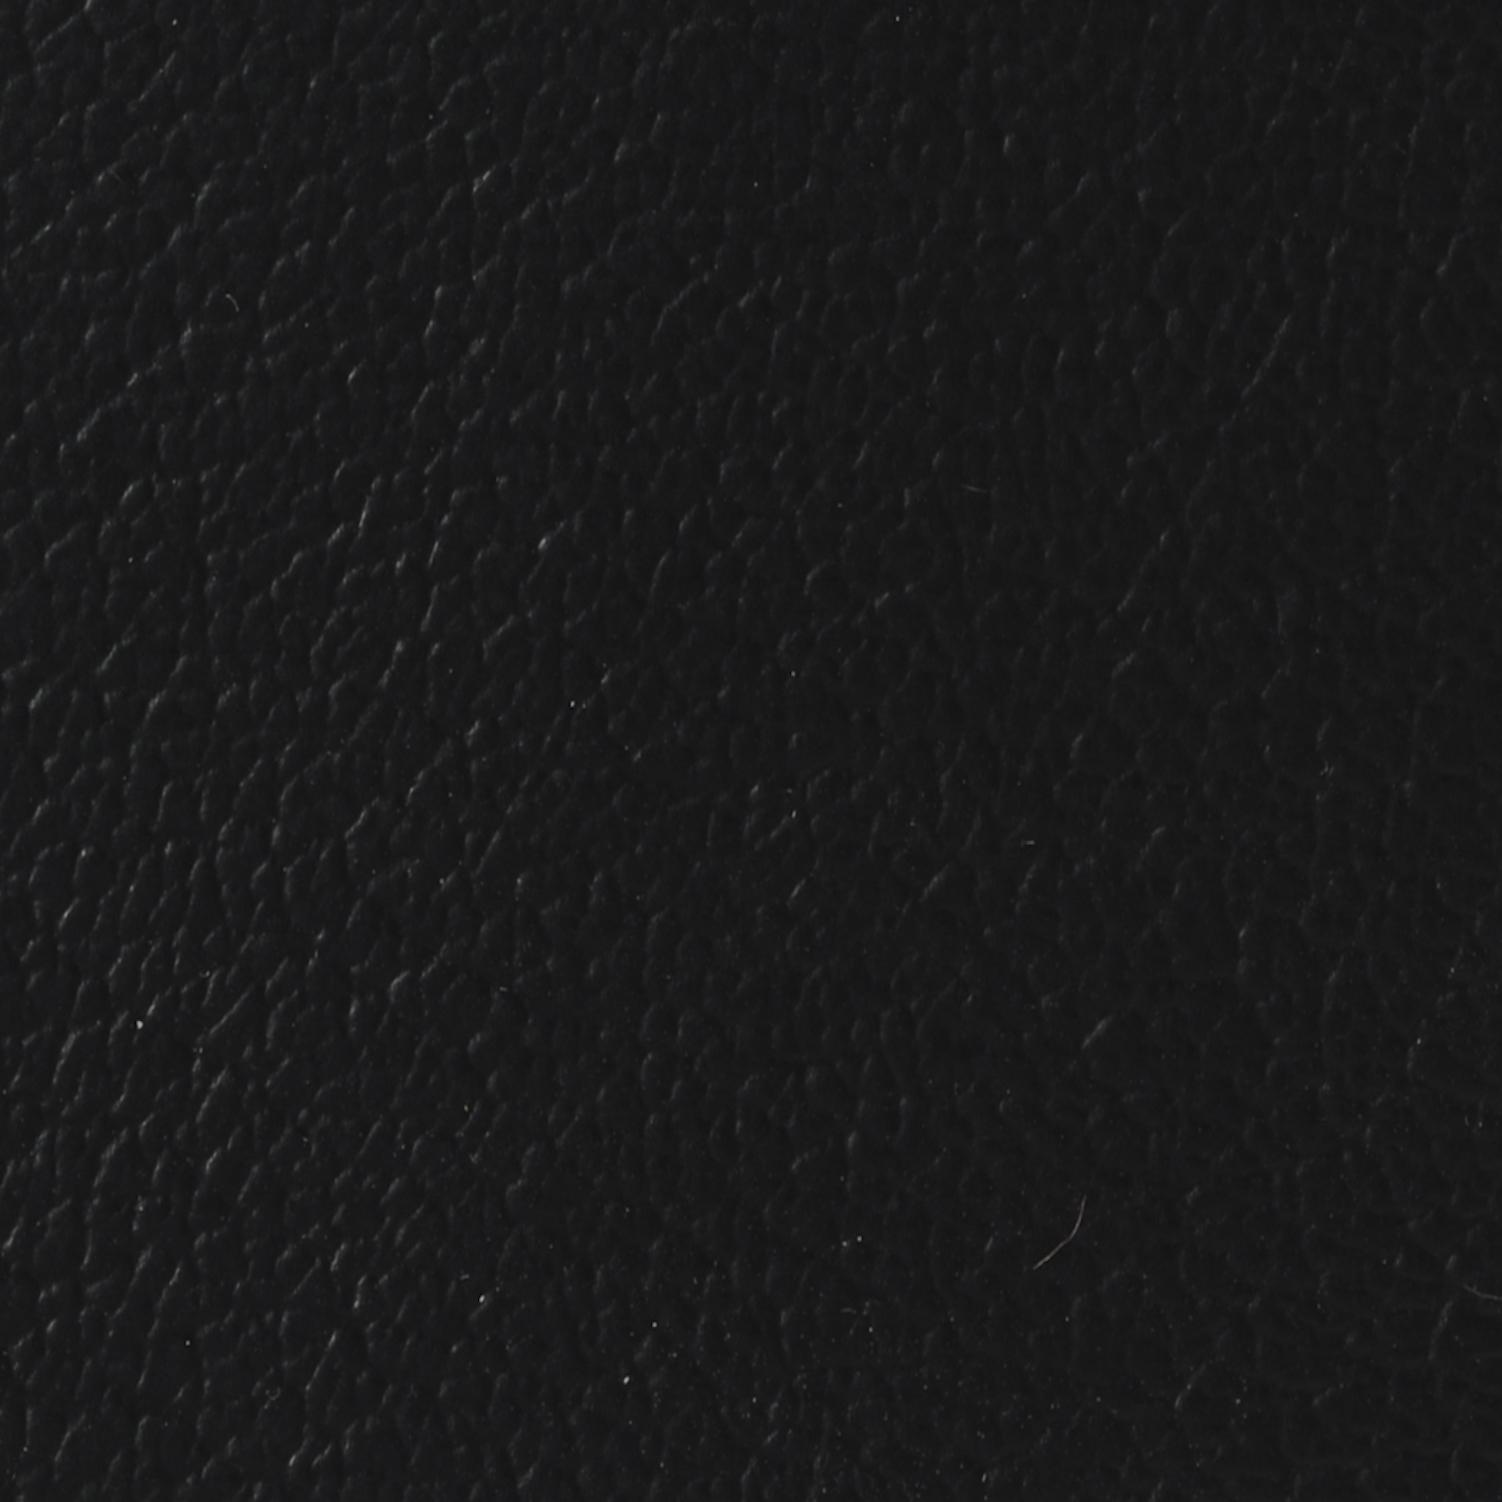 CORINTHIAN BLACK   CRI-62